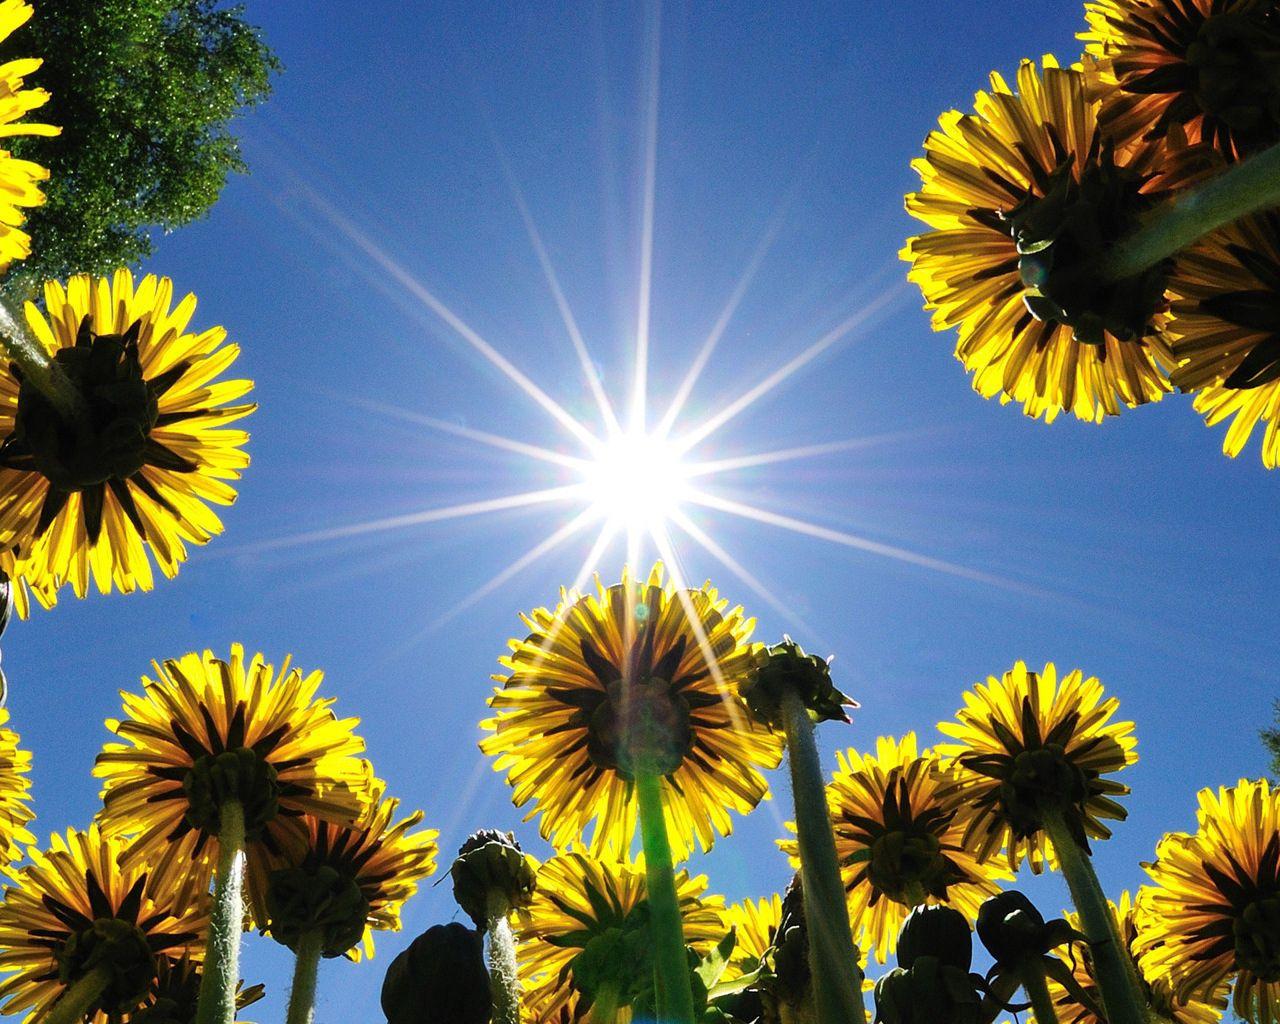 121556 скачать обои Цветы, Небо, Одуванчики, Лето, Лучи, Поле, Солнышко - заставки и картинки бесплатно